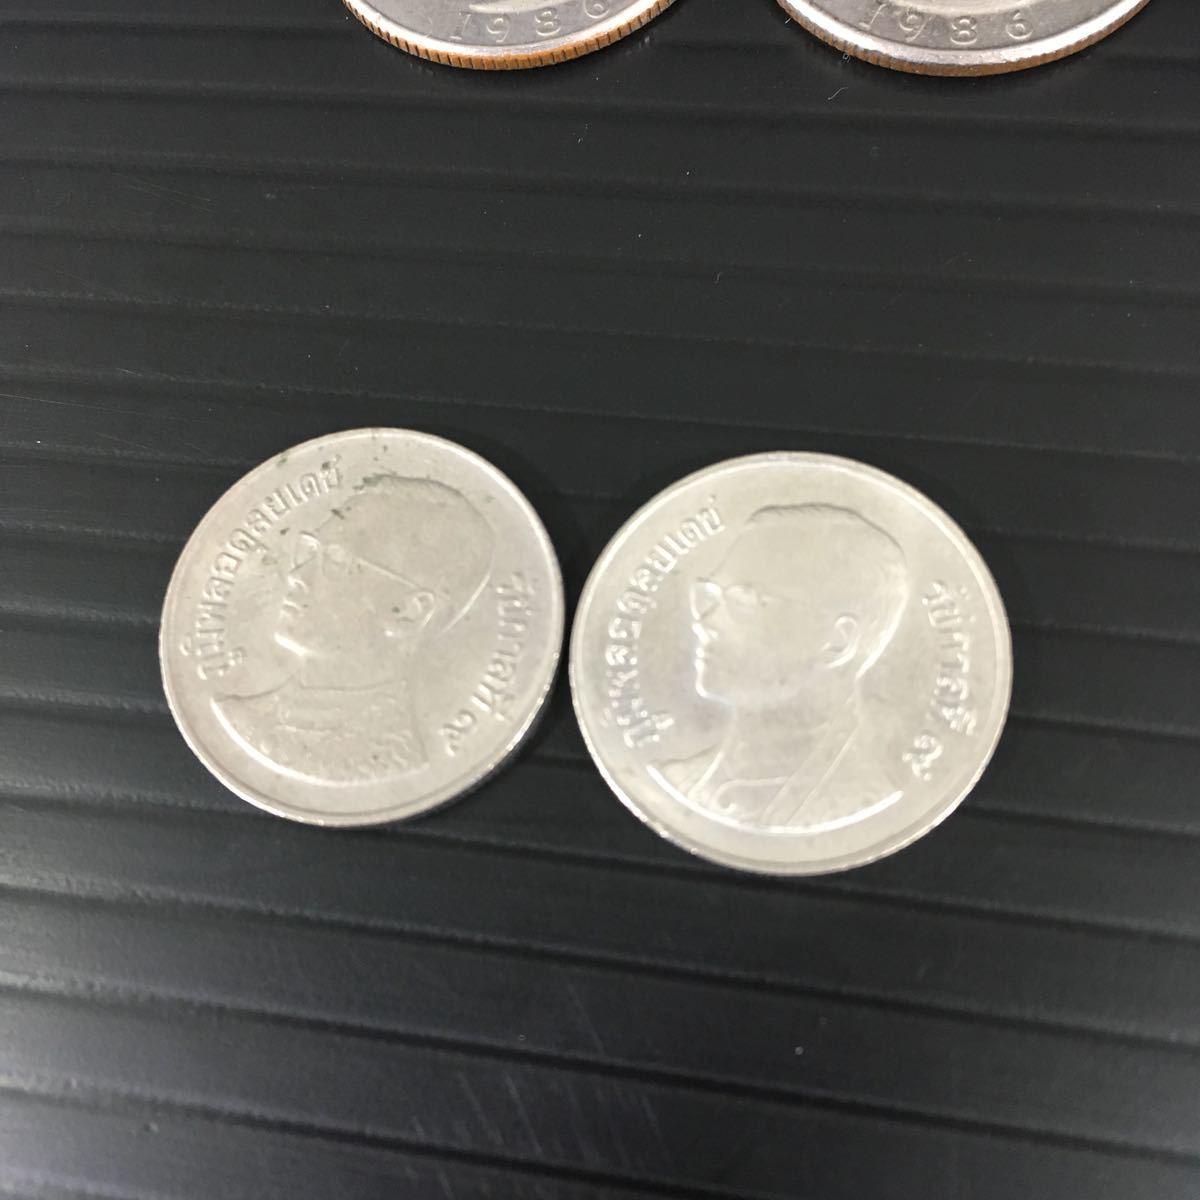 【外国 紙幣 コイン まとめて】 中国 アメリカ イタリア オランダ メキシコ等 #0068/001_画像5